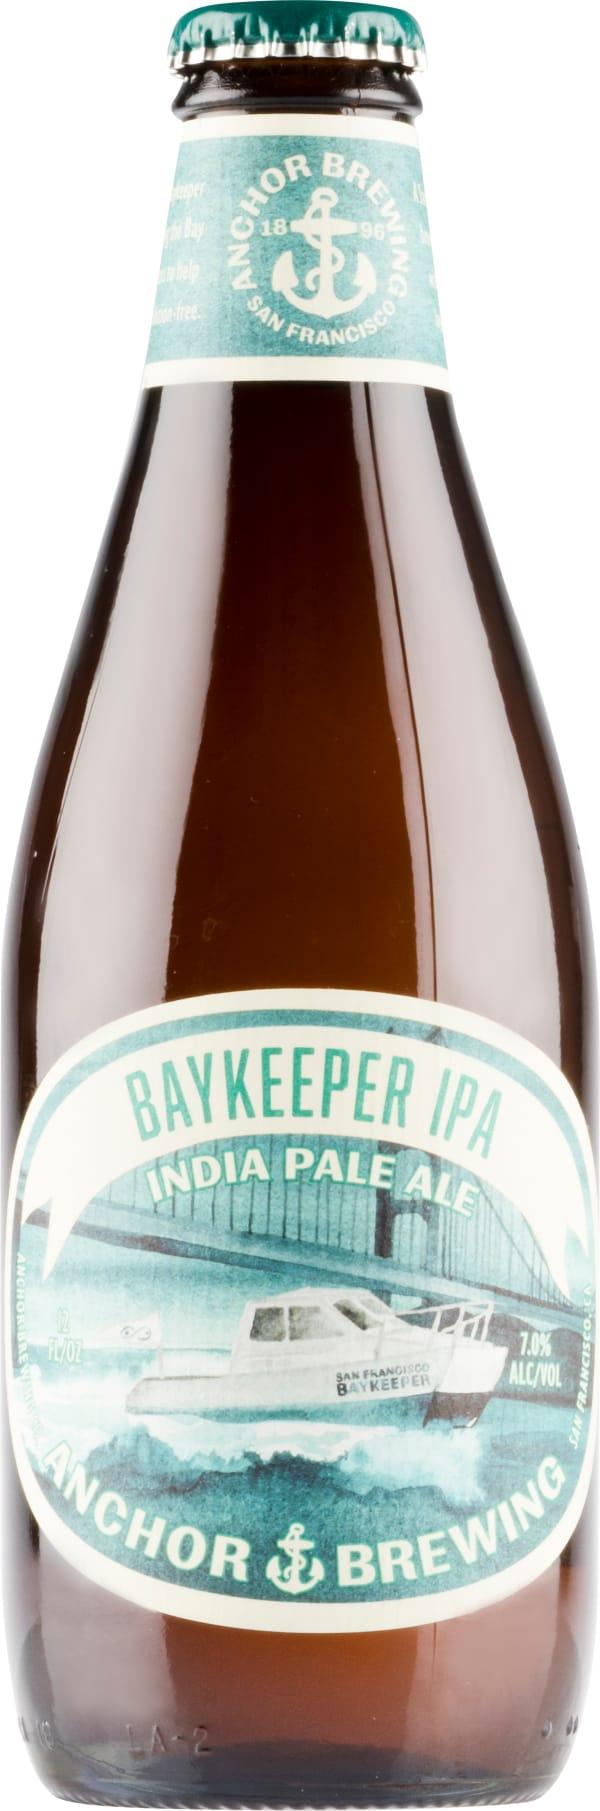 Anchor Baykeeper IPA